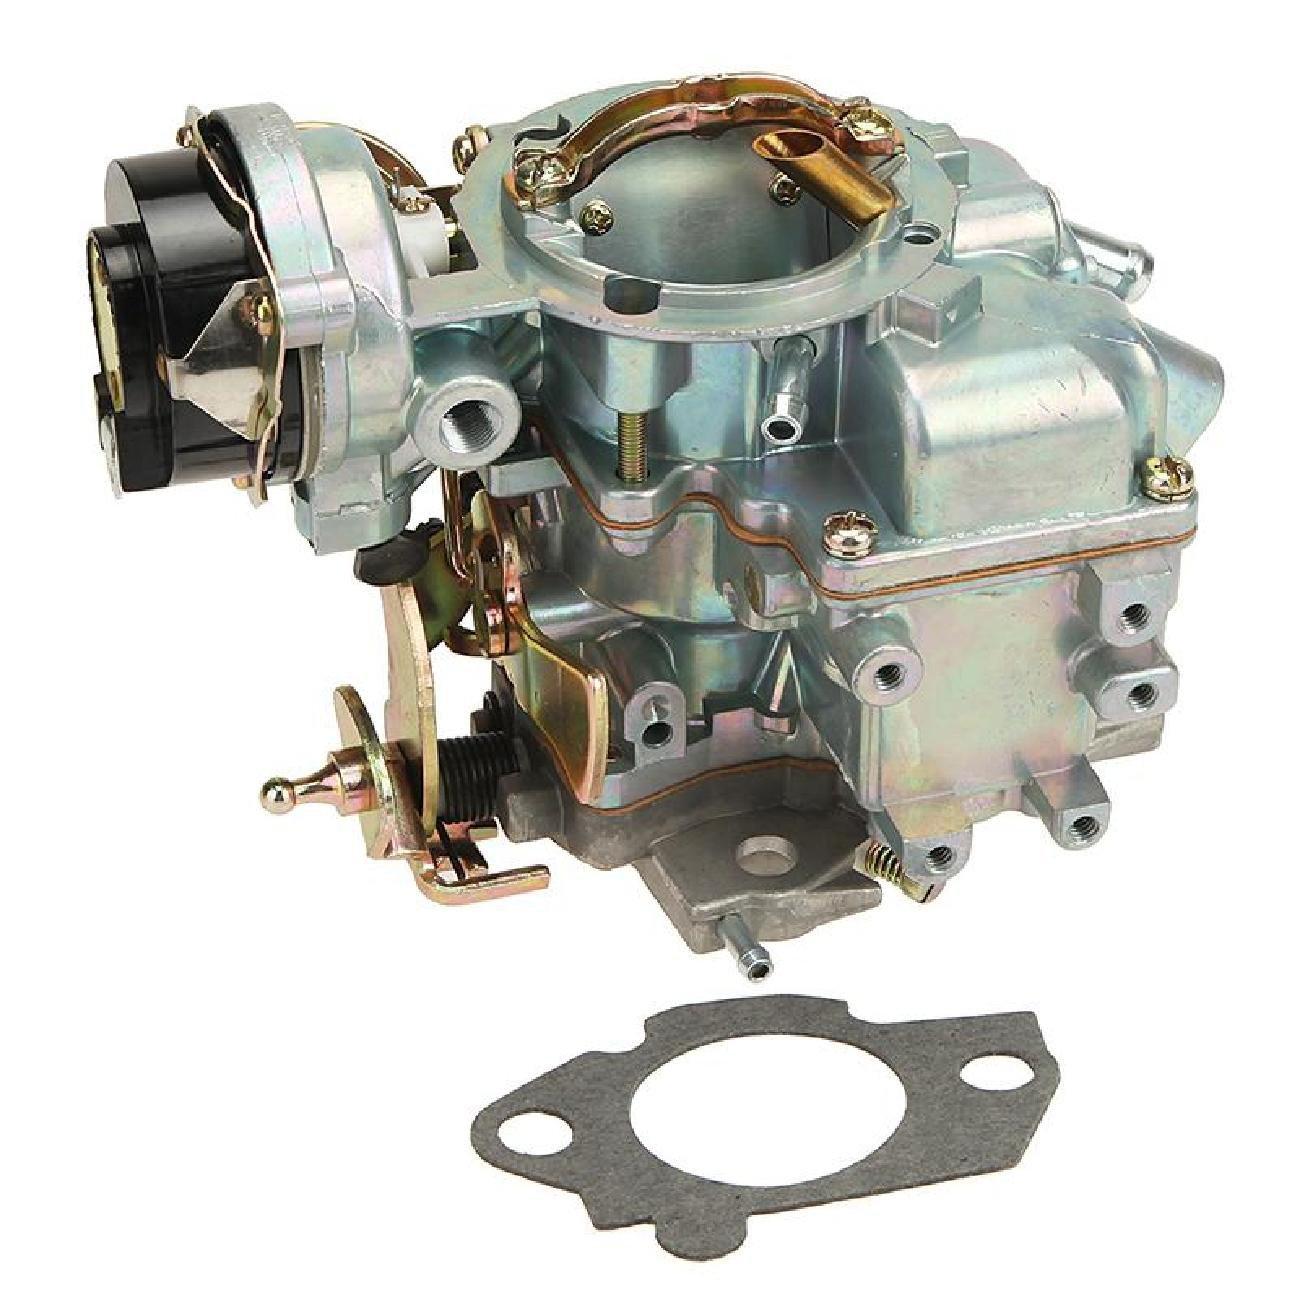 Alavente Carburetor Type Carter F300 Yfa 1 Barrel 1983 Ford F 150 300 Wiring Diagram Automatic Choke For 49l Cu I6 Automotive